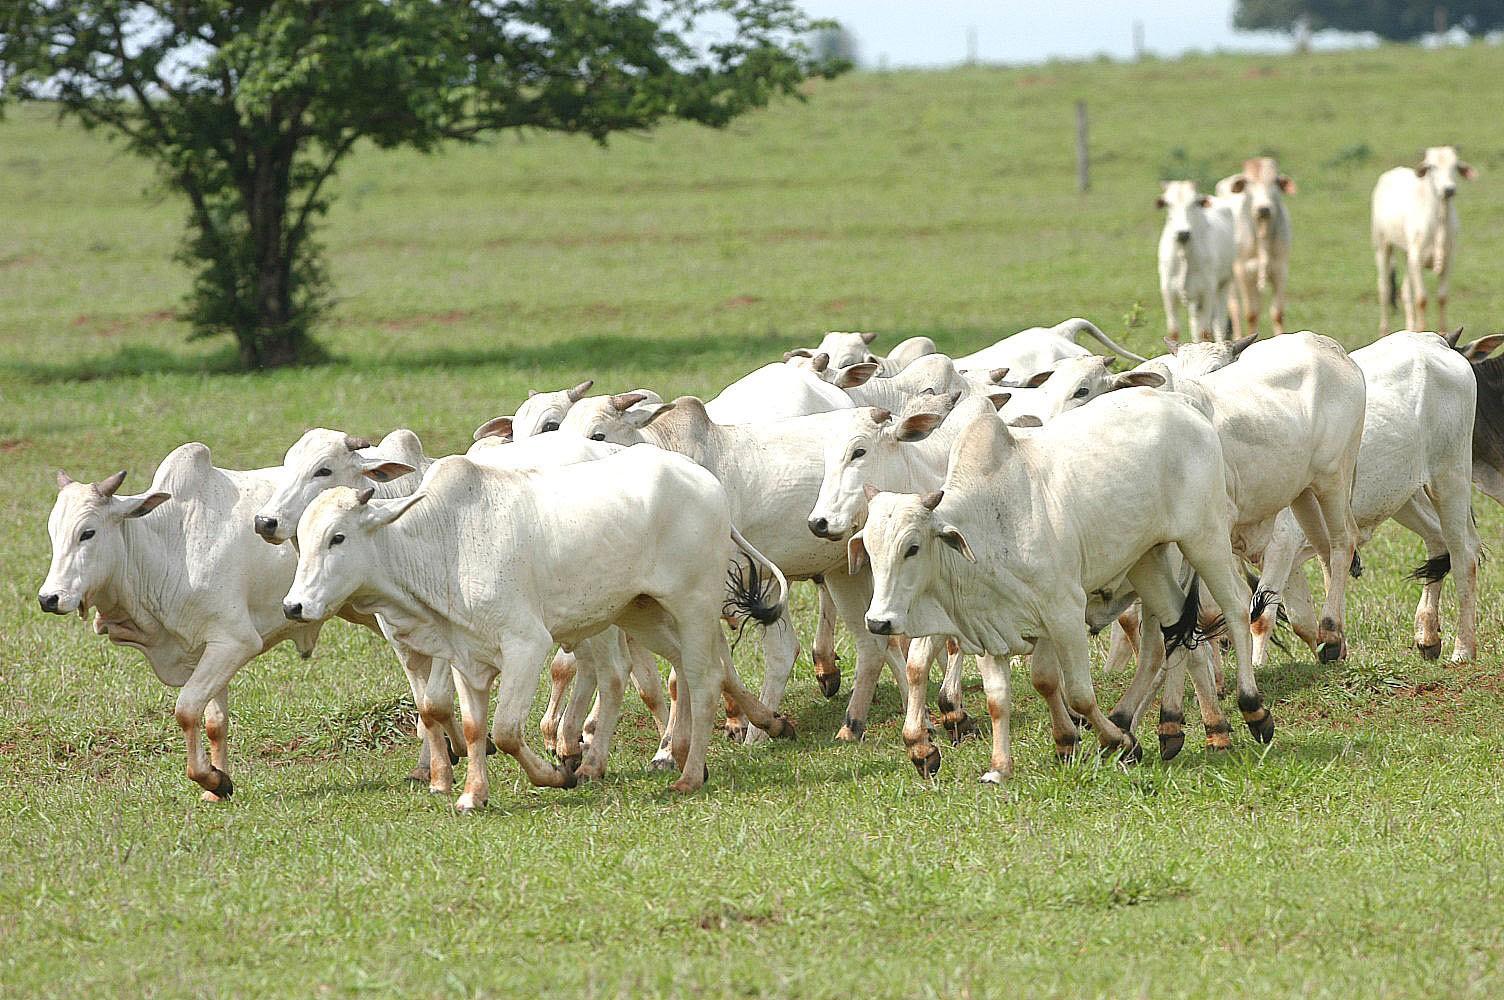 Arroba do boi gordo custa R$ 148 na região de Maringá